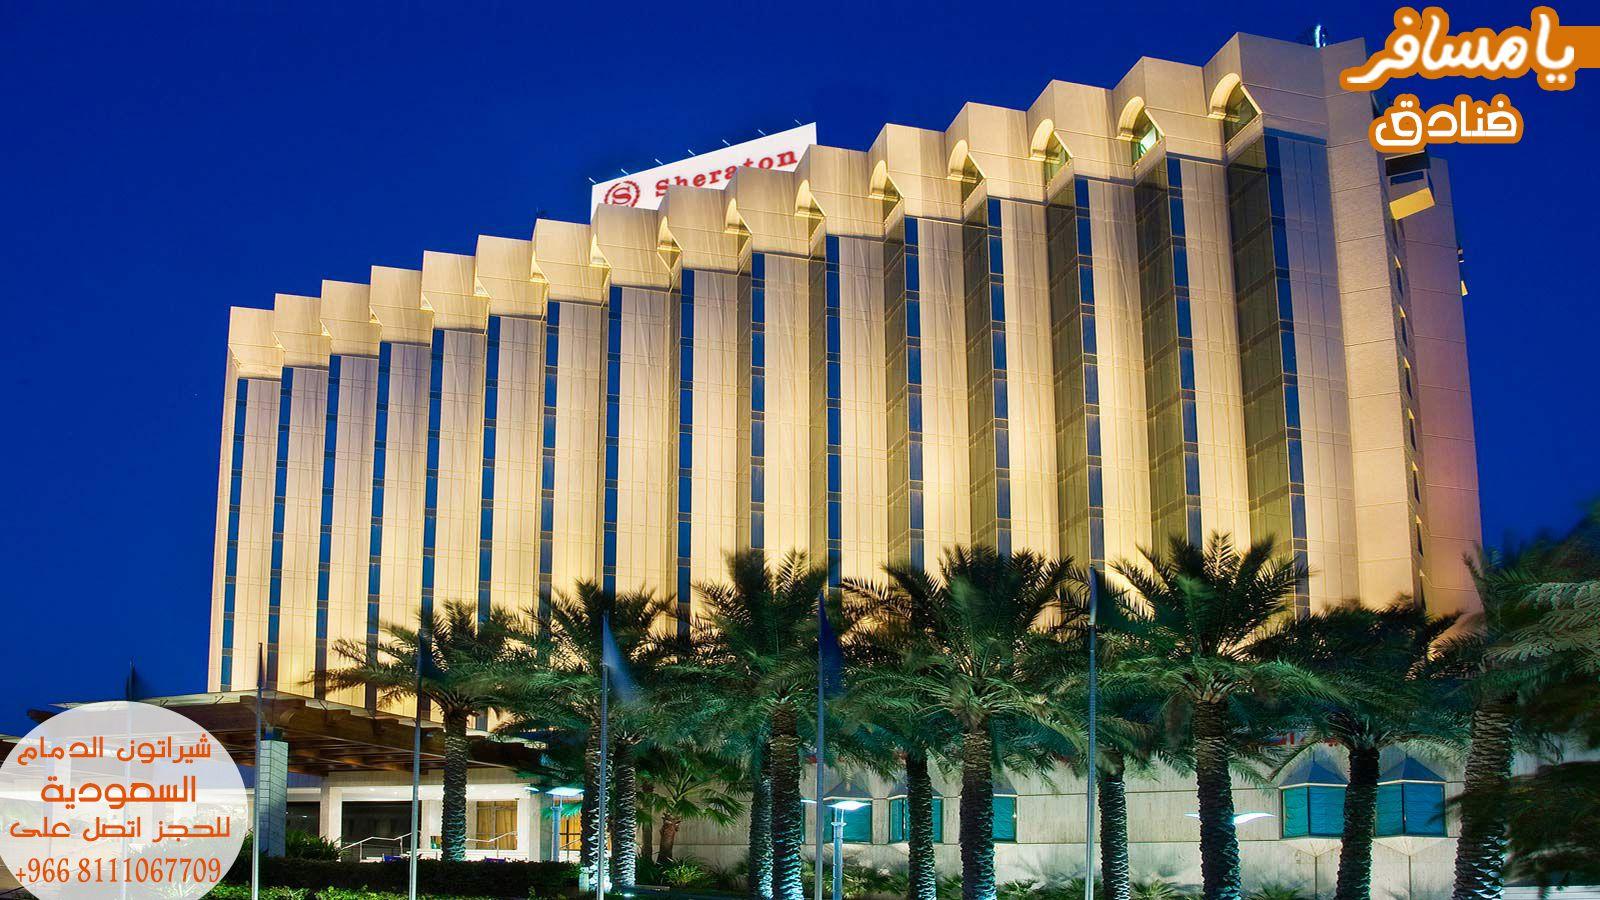 يقع فندق و أبراج شيراتون الدمام تحديدا في منطقة الأعمال المركزية بالمدينة و هو أقرب فندق من مطار الملك فهد الدولي و سواء كان ا Dammam Hotel Hotels And Resorts